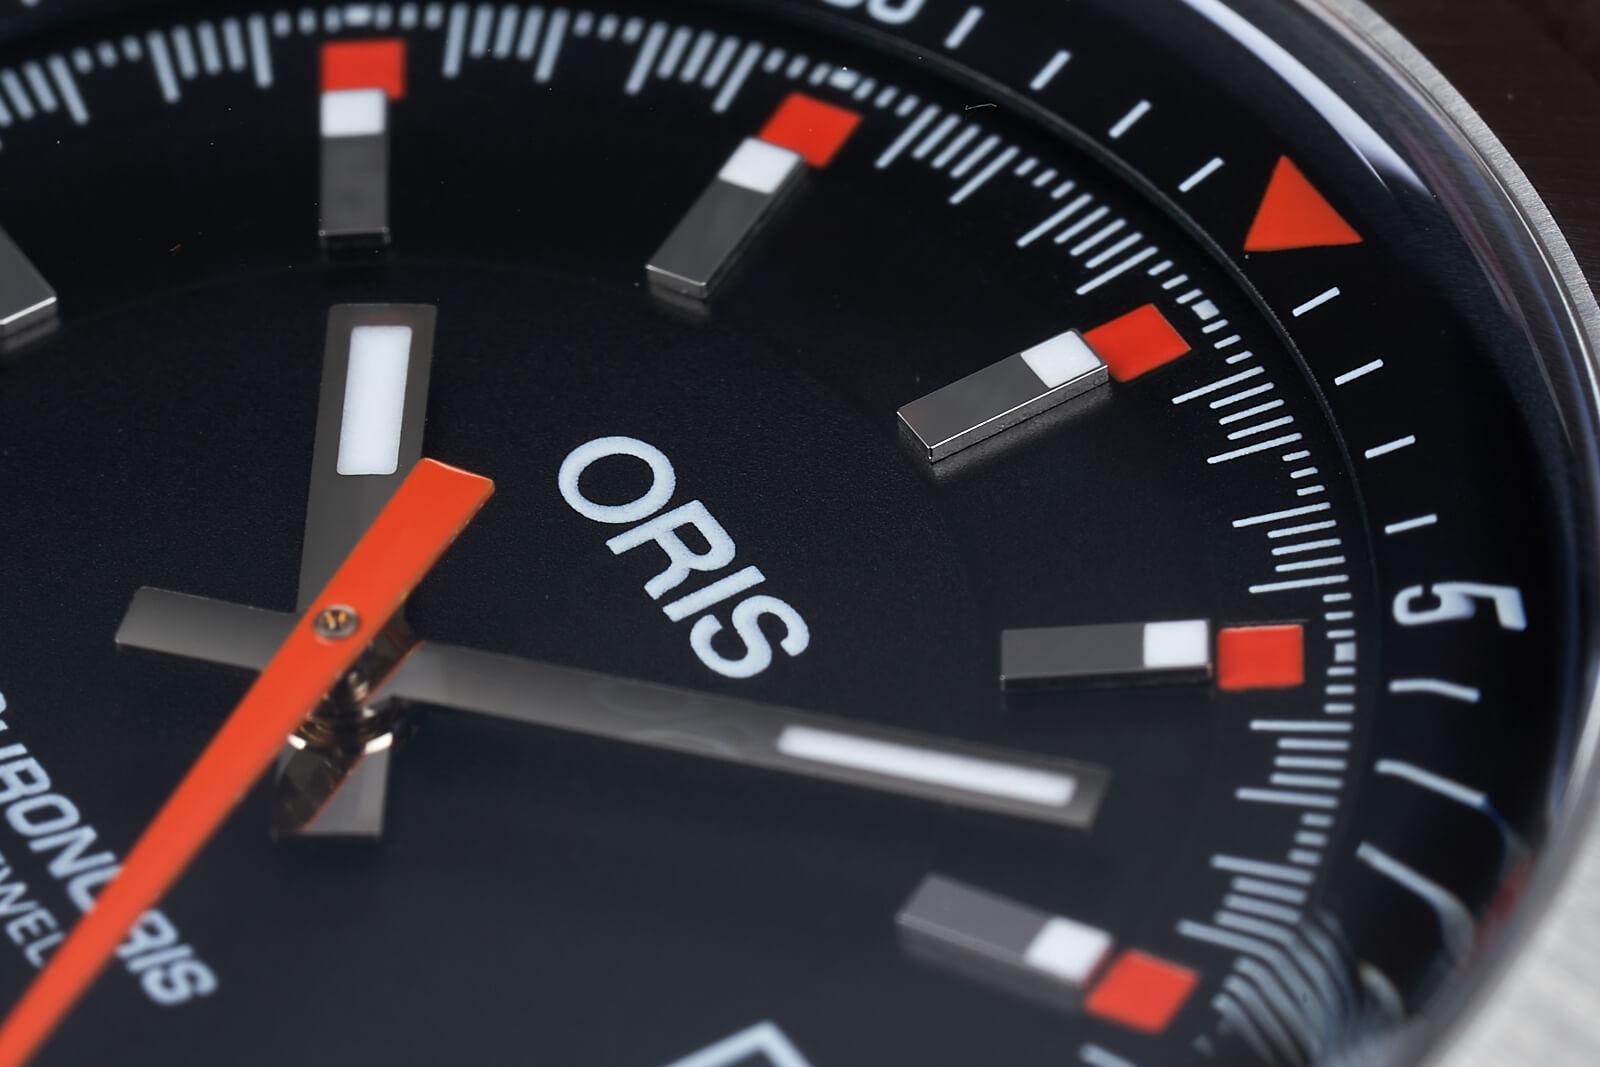 Oris-ChronOris-Date-0-19